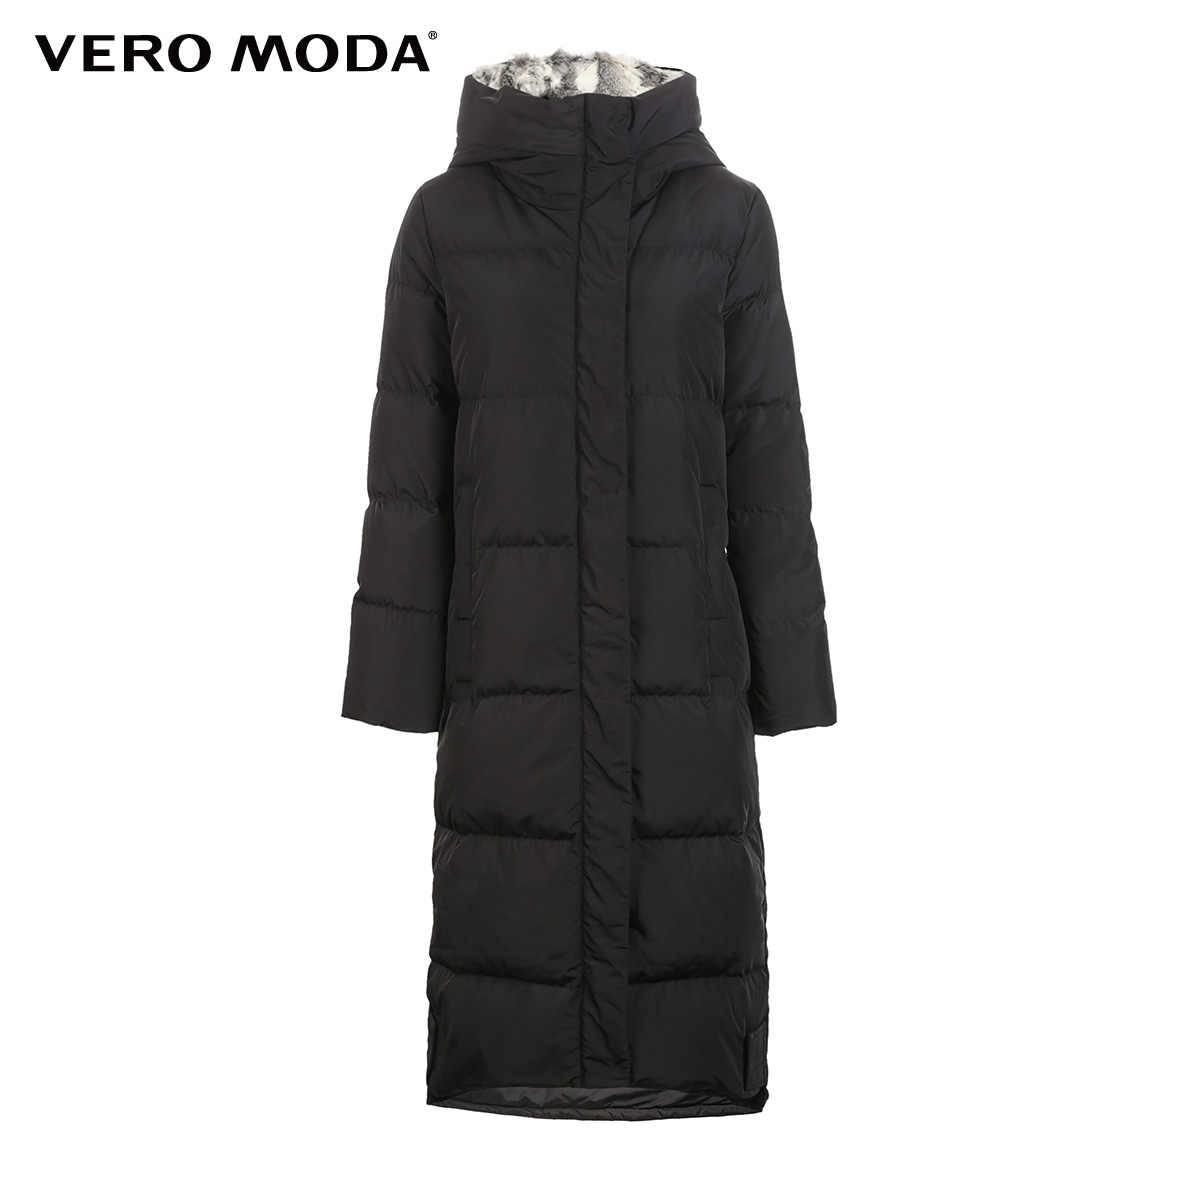 Vero Moda Новый Съемный длинный пуховик с капюшоном и кроличьим мехом для женщин | 318312503